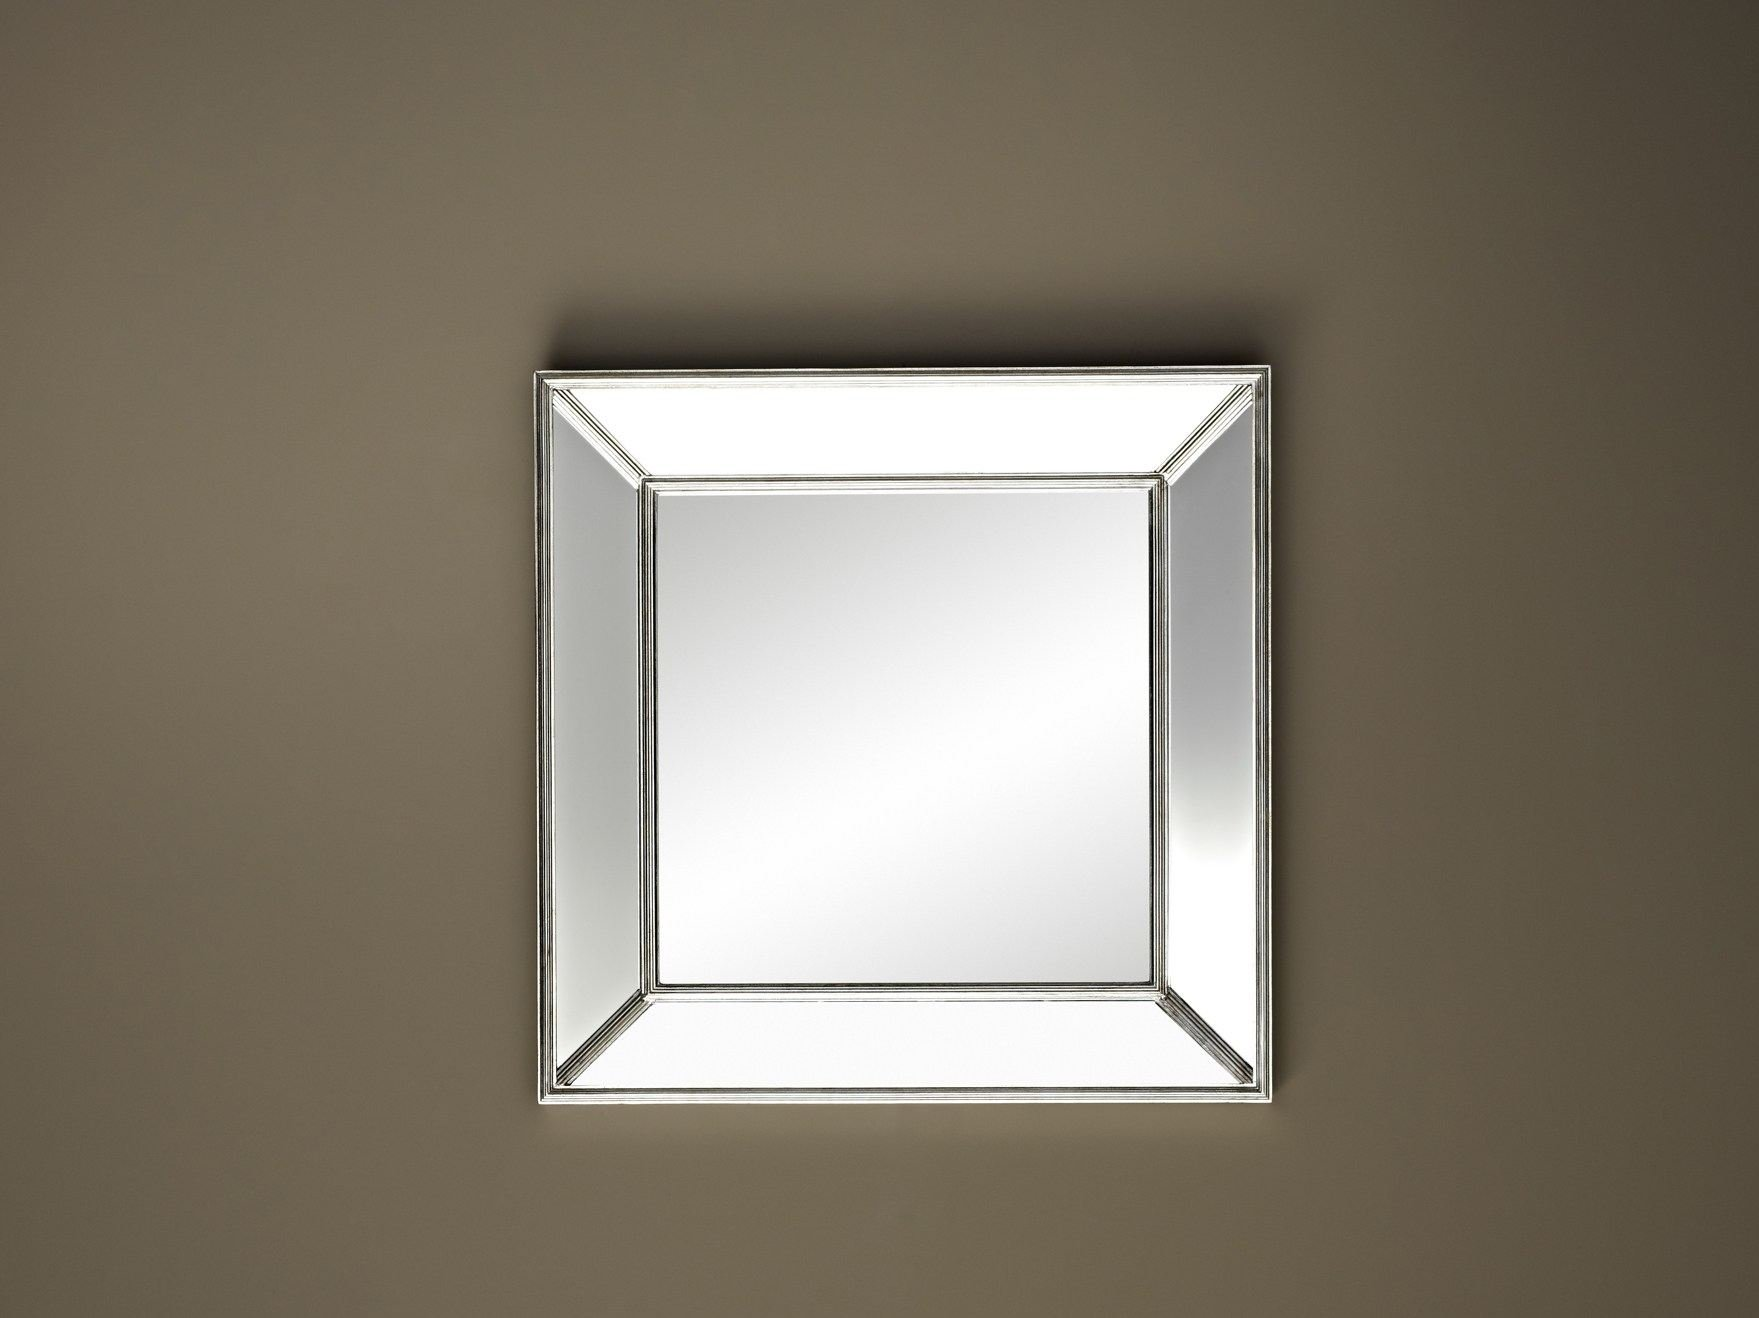 Specchio quadrato a parete con cornice rustic by deknudt - Specchio senza cornice ...